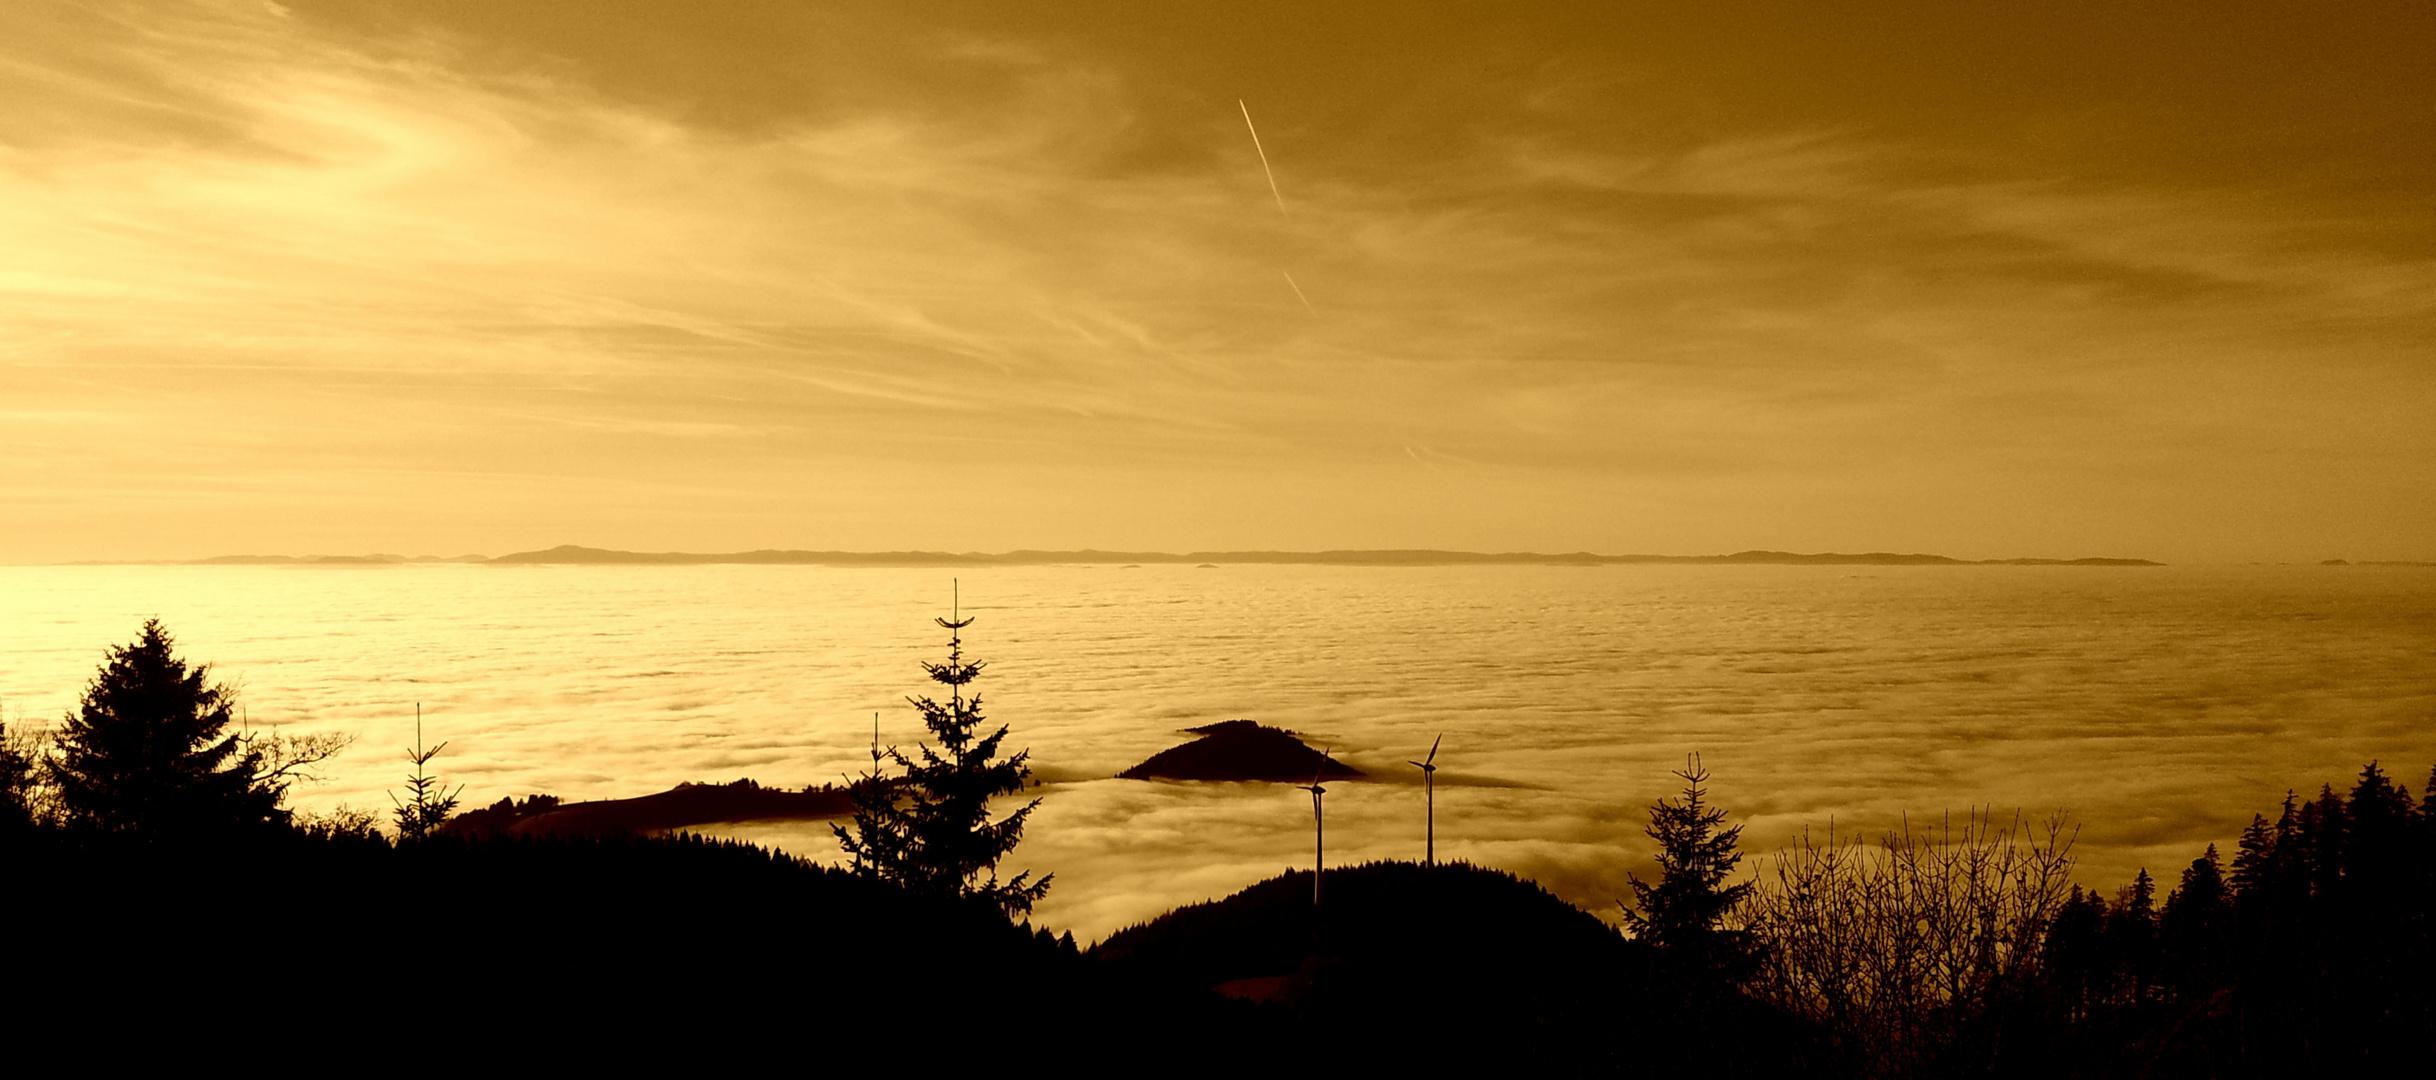 Sonnenuntergangsstimmung auf dem Schauinsland